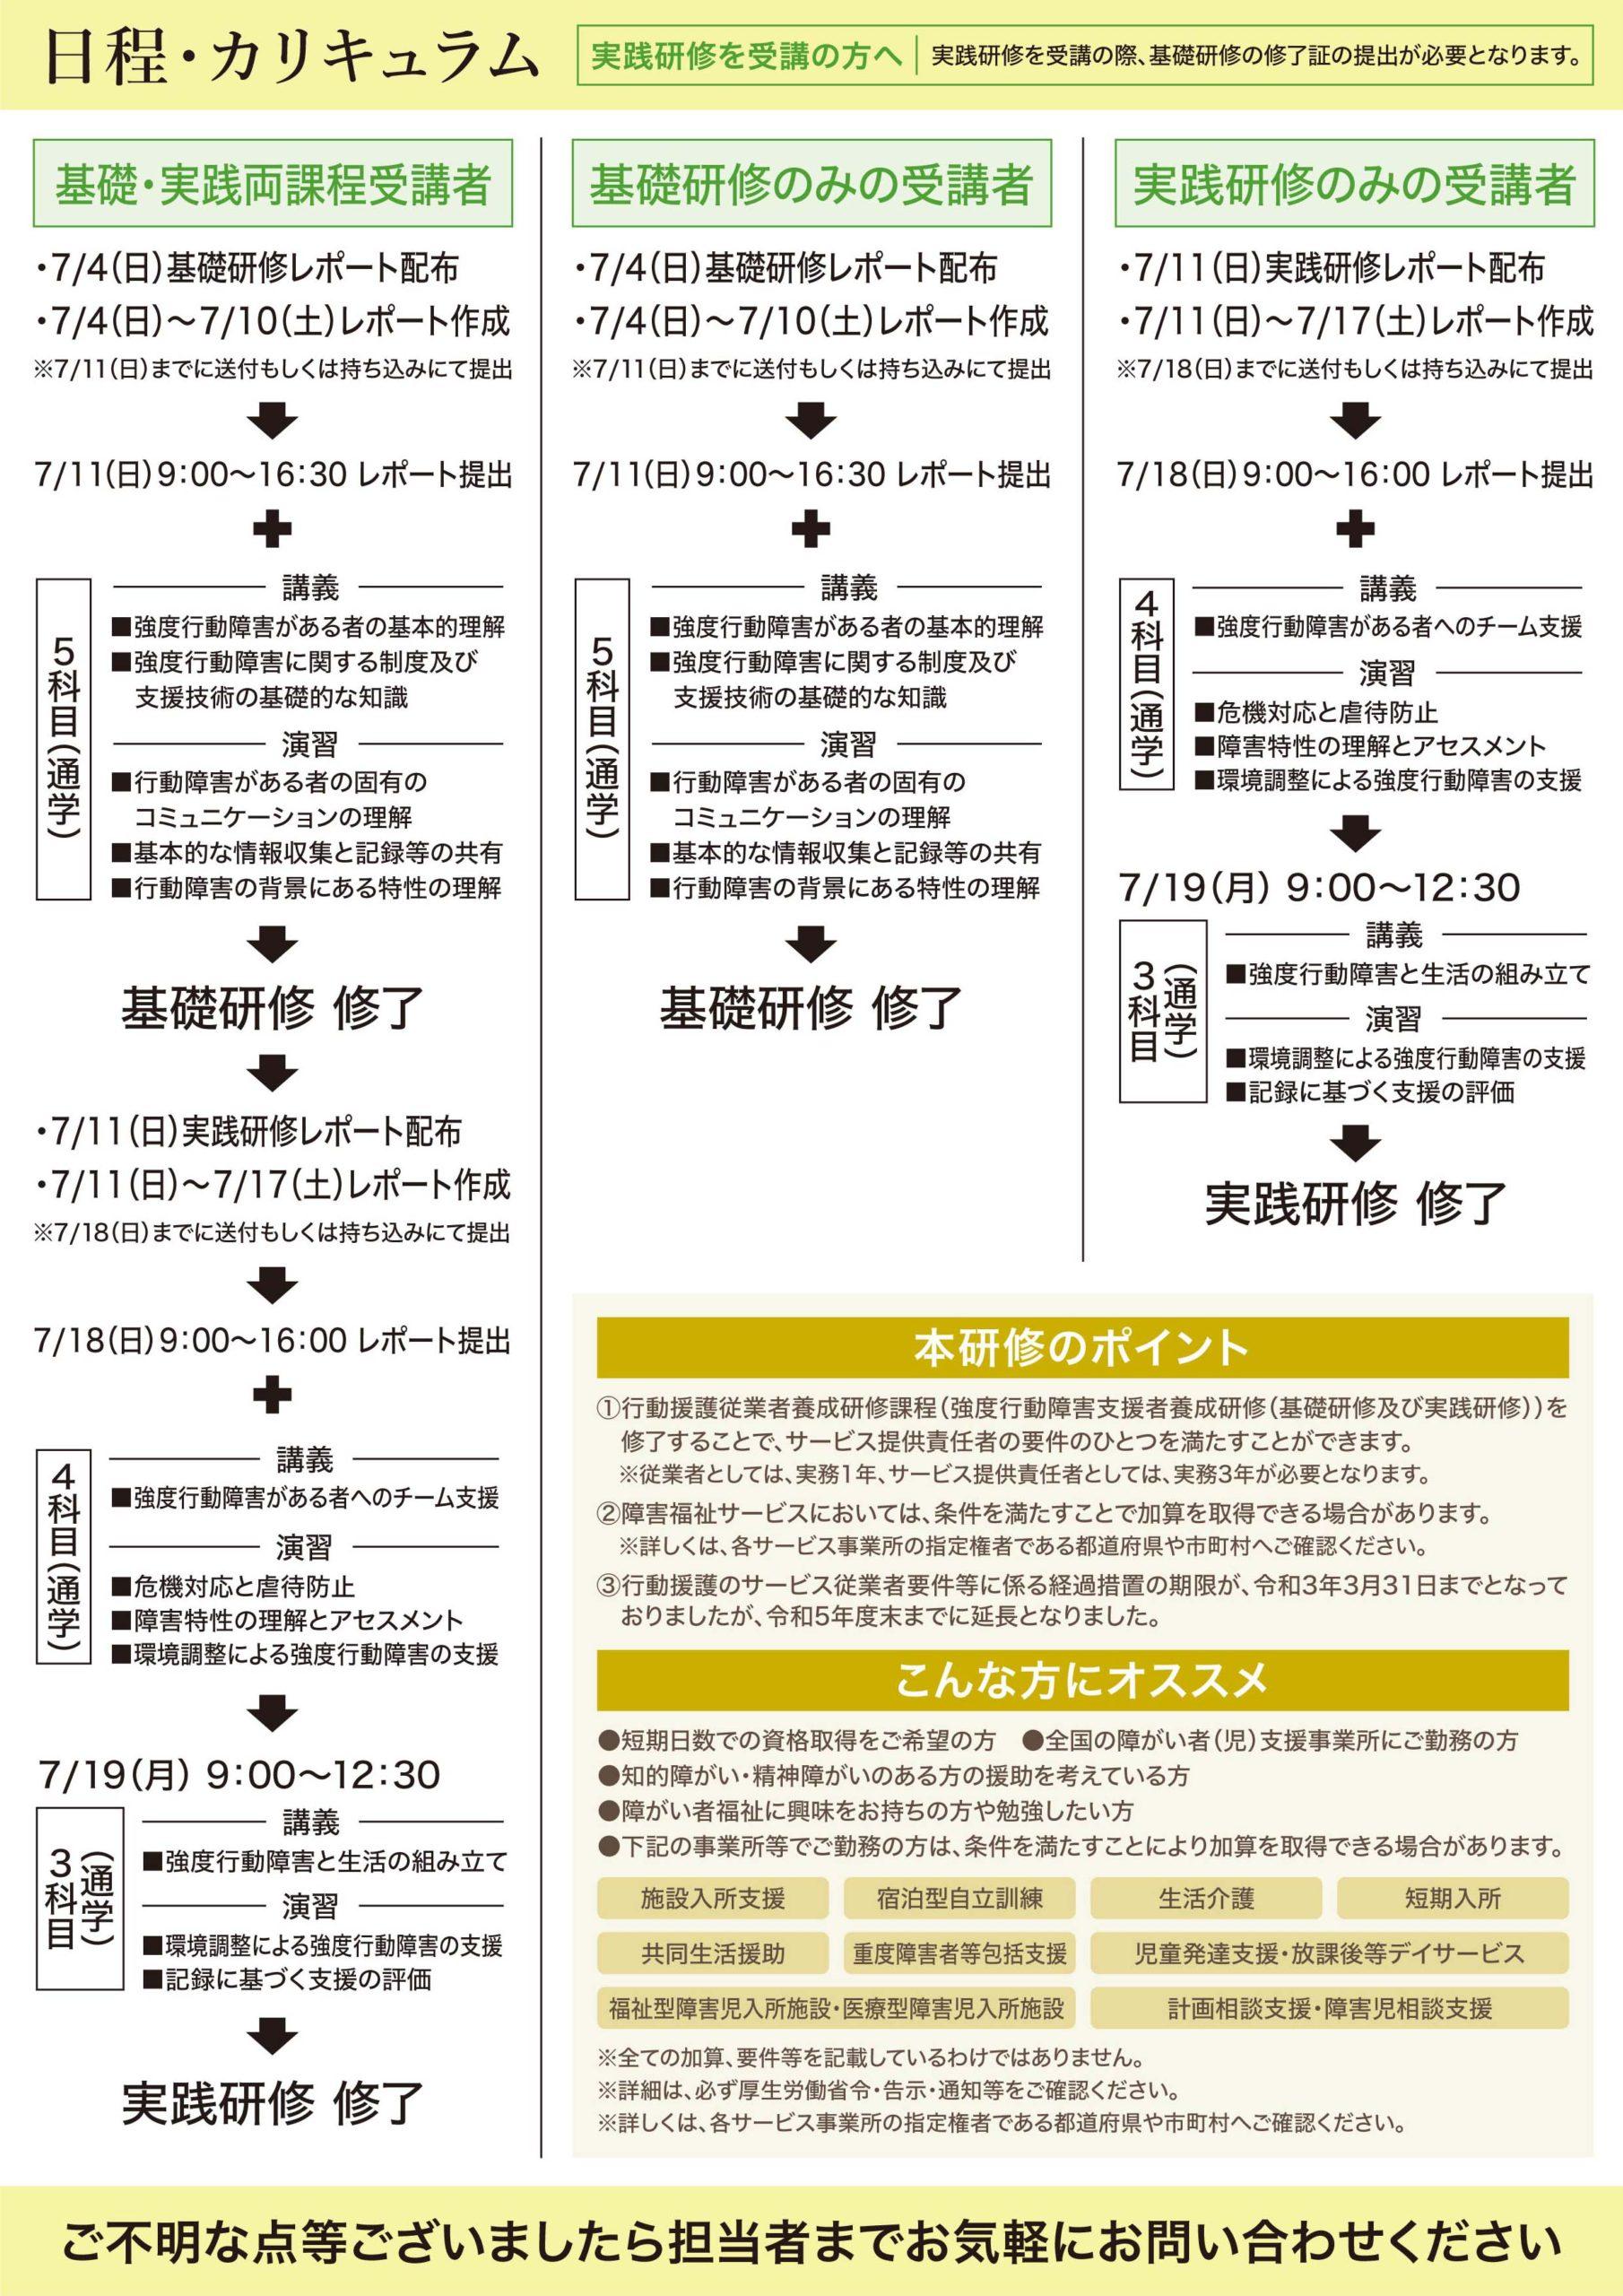 強度行動障害支援者養成研修チラシ(2021-07)通信・通学-ウラ